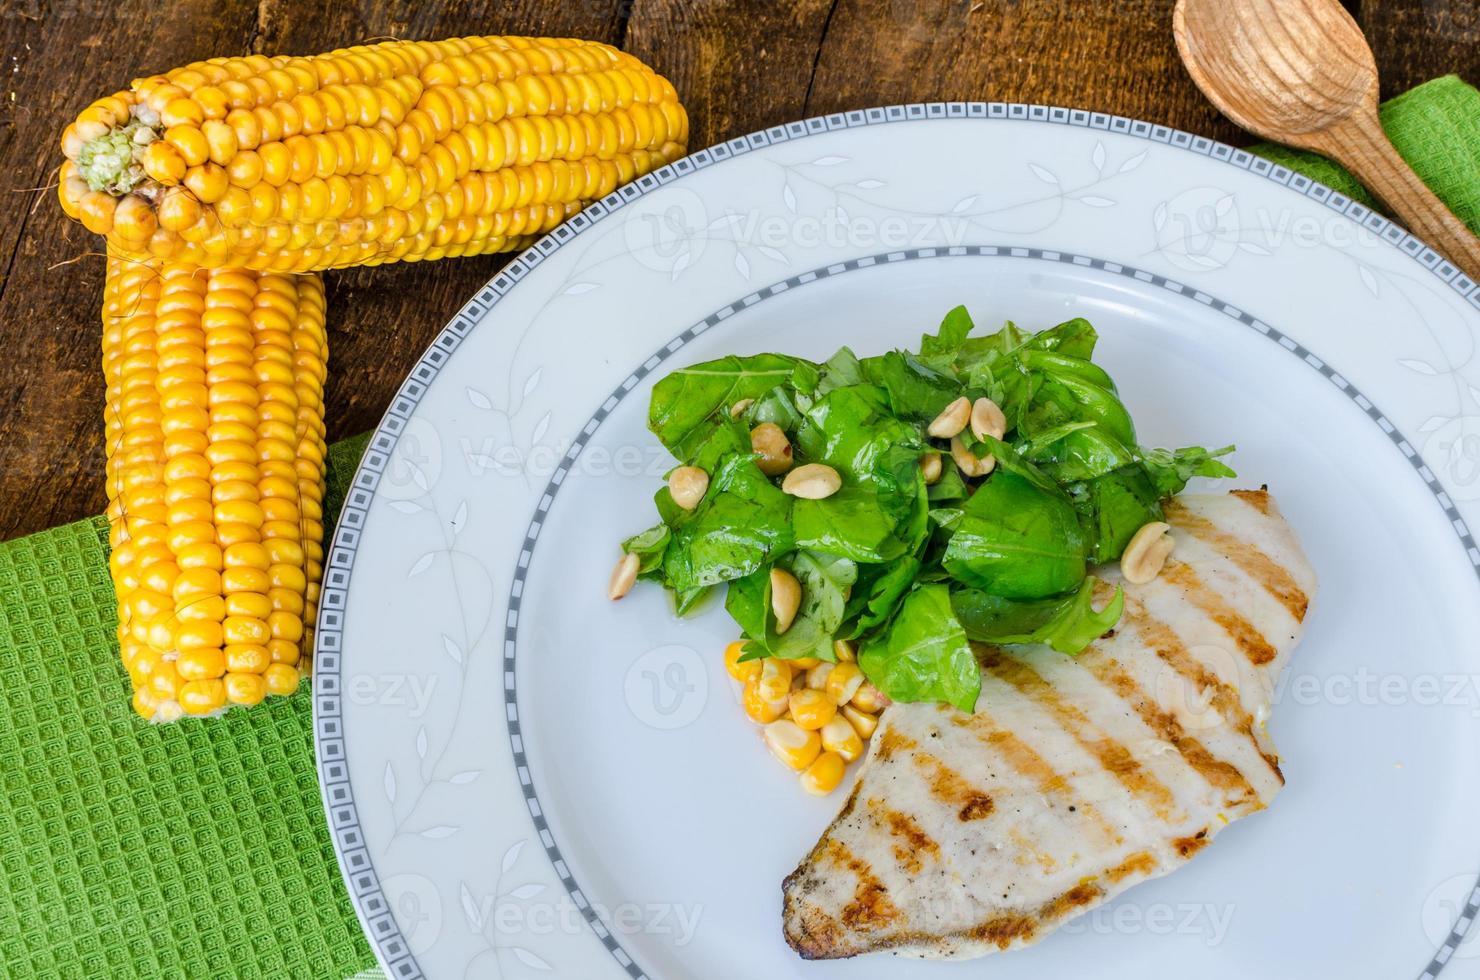 Chicken steak with garlic and lemon, salad photo